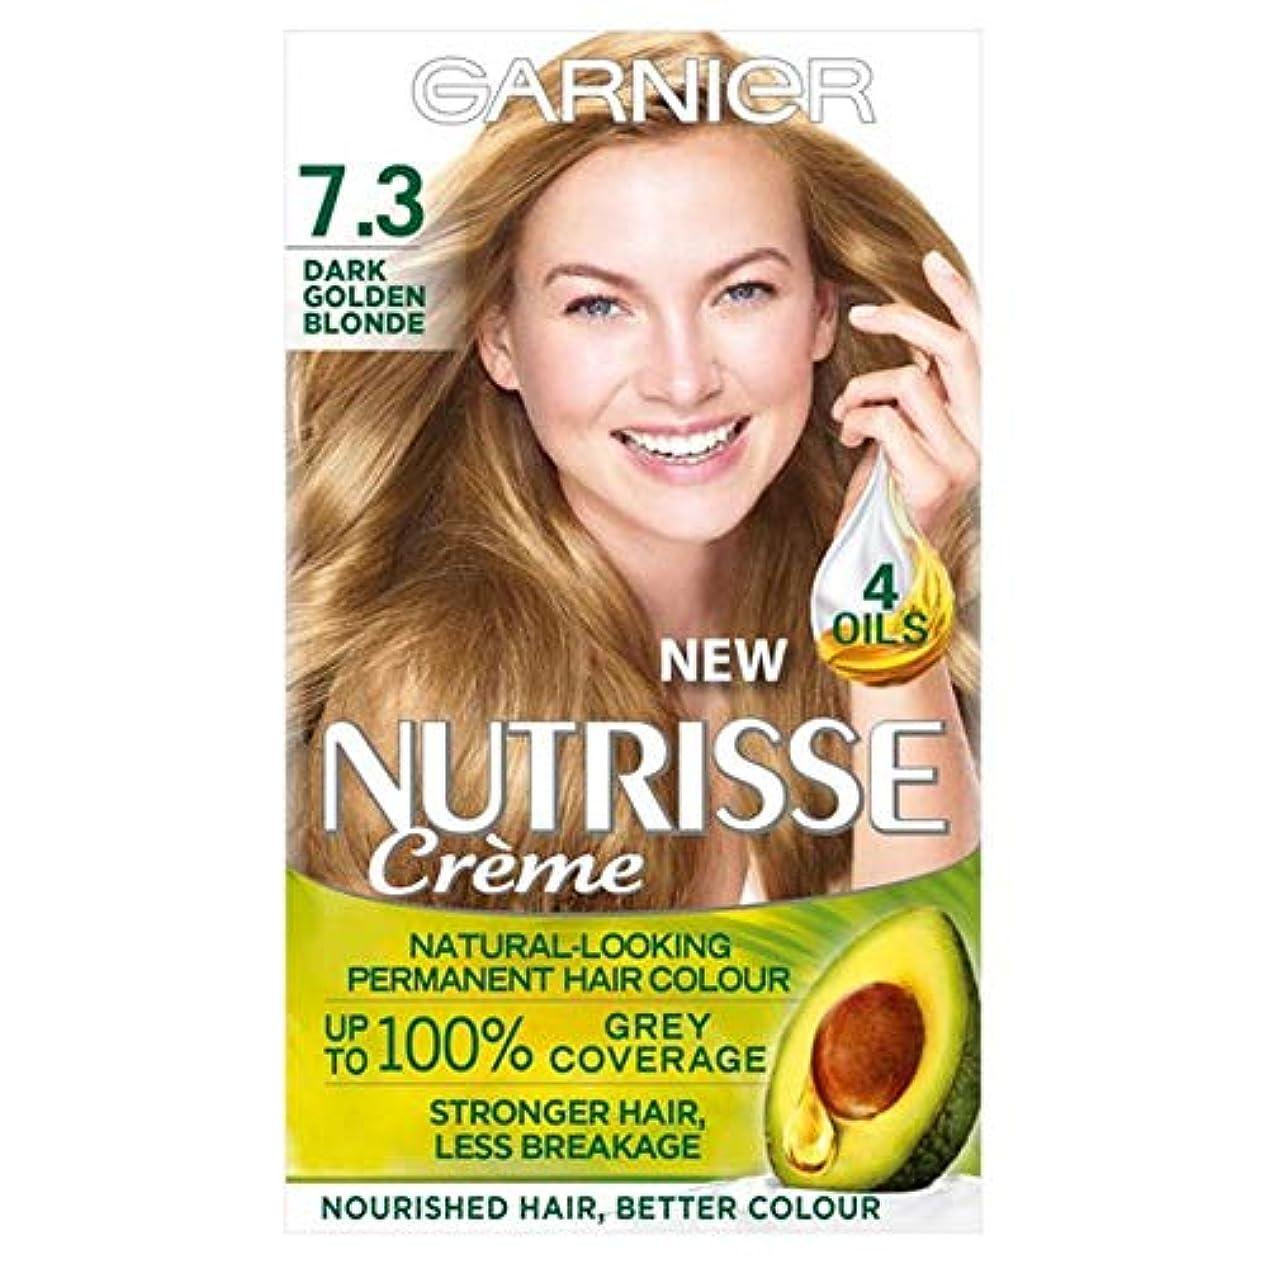 慈善バイアススリップシューズ[Nutrisse] 7.3暗い金色のブロンドの永久染毛剤Nutrisseガルニエ - Garnier Nutrisse 7.3 Dark Golden Blonde Permanent Hair Dye [並行輸入品]